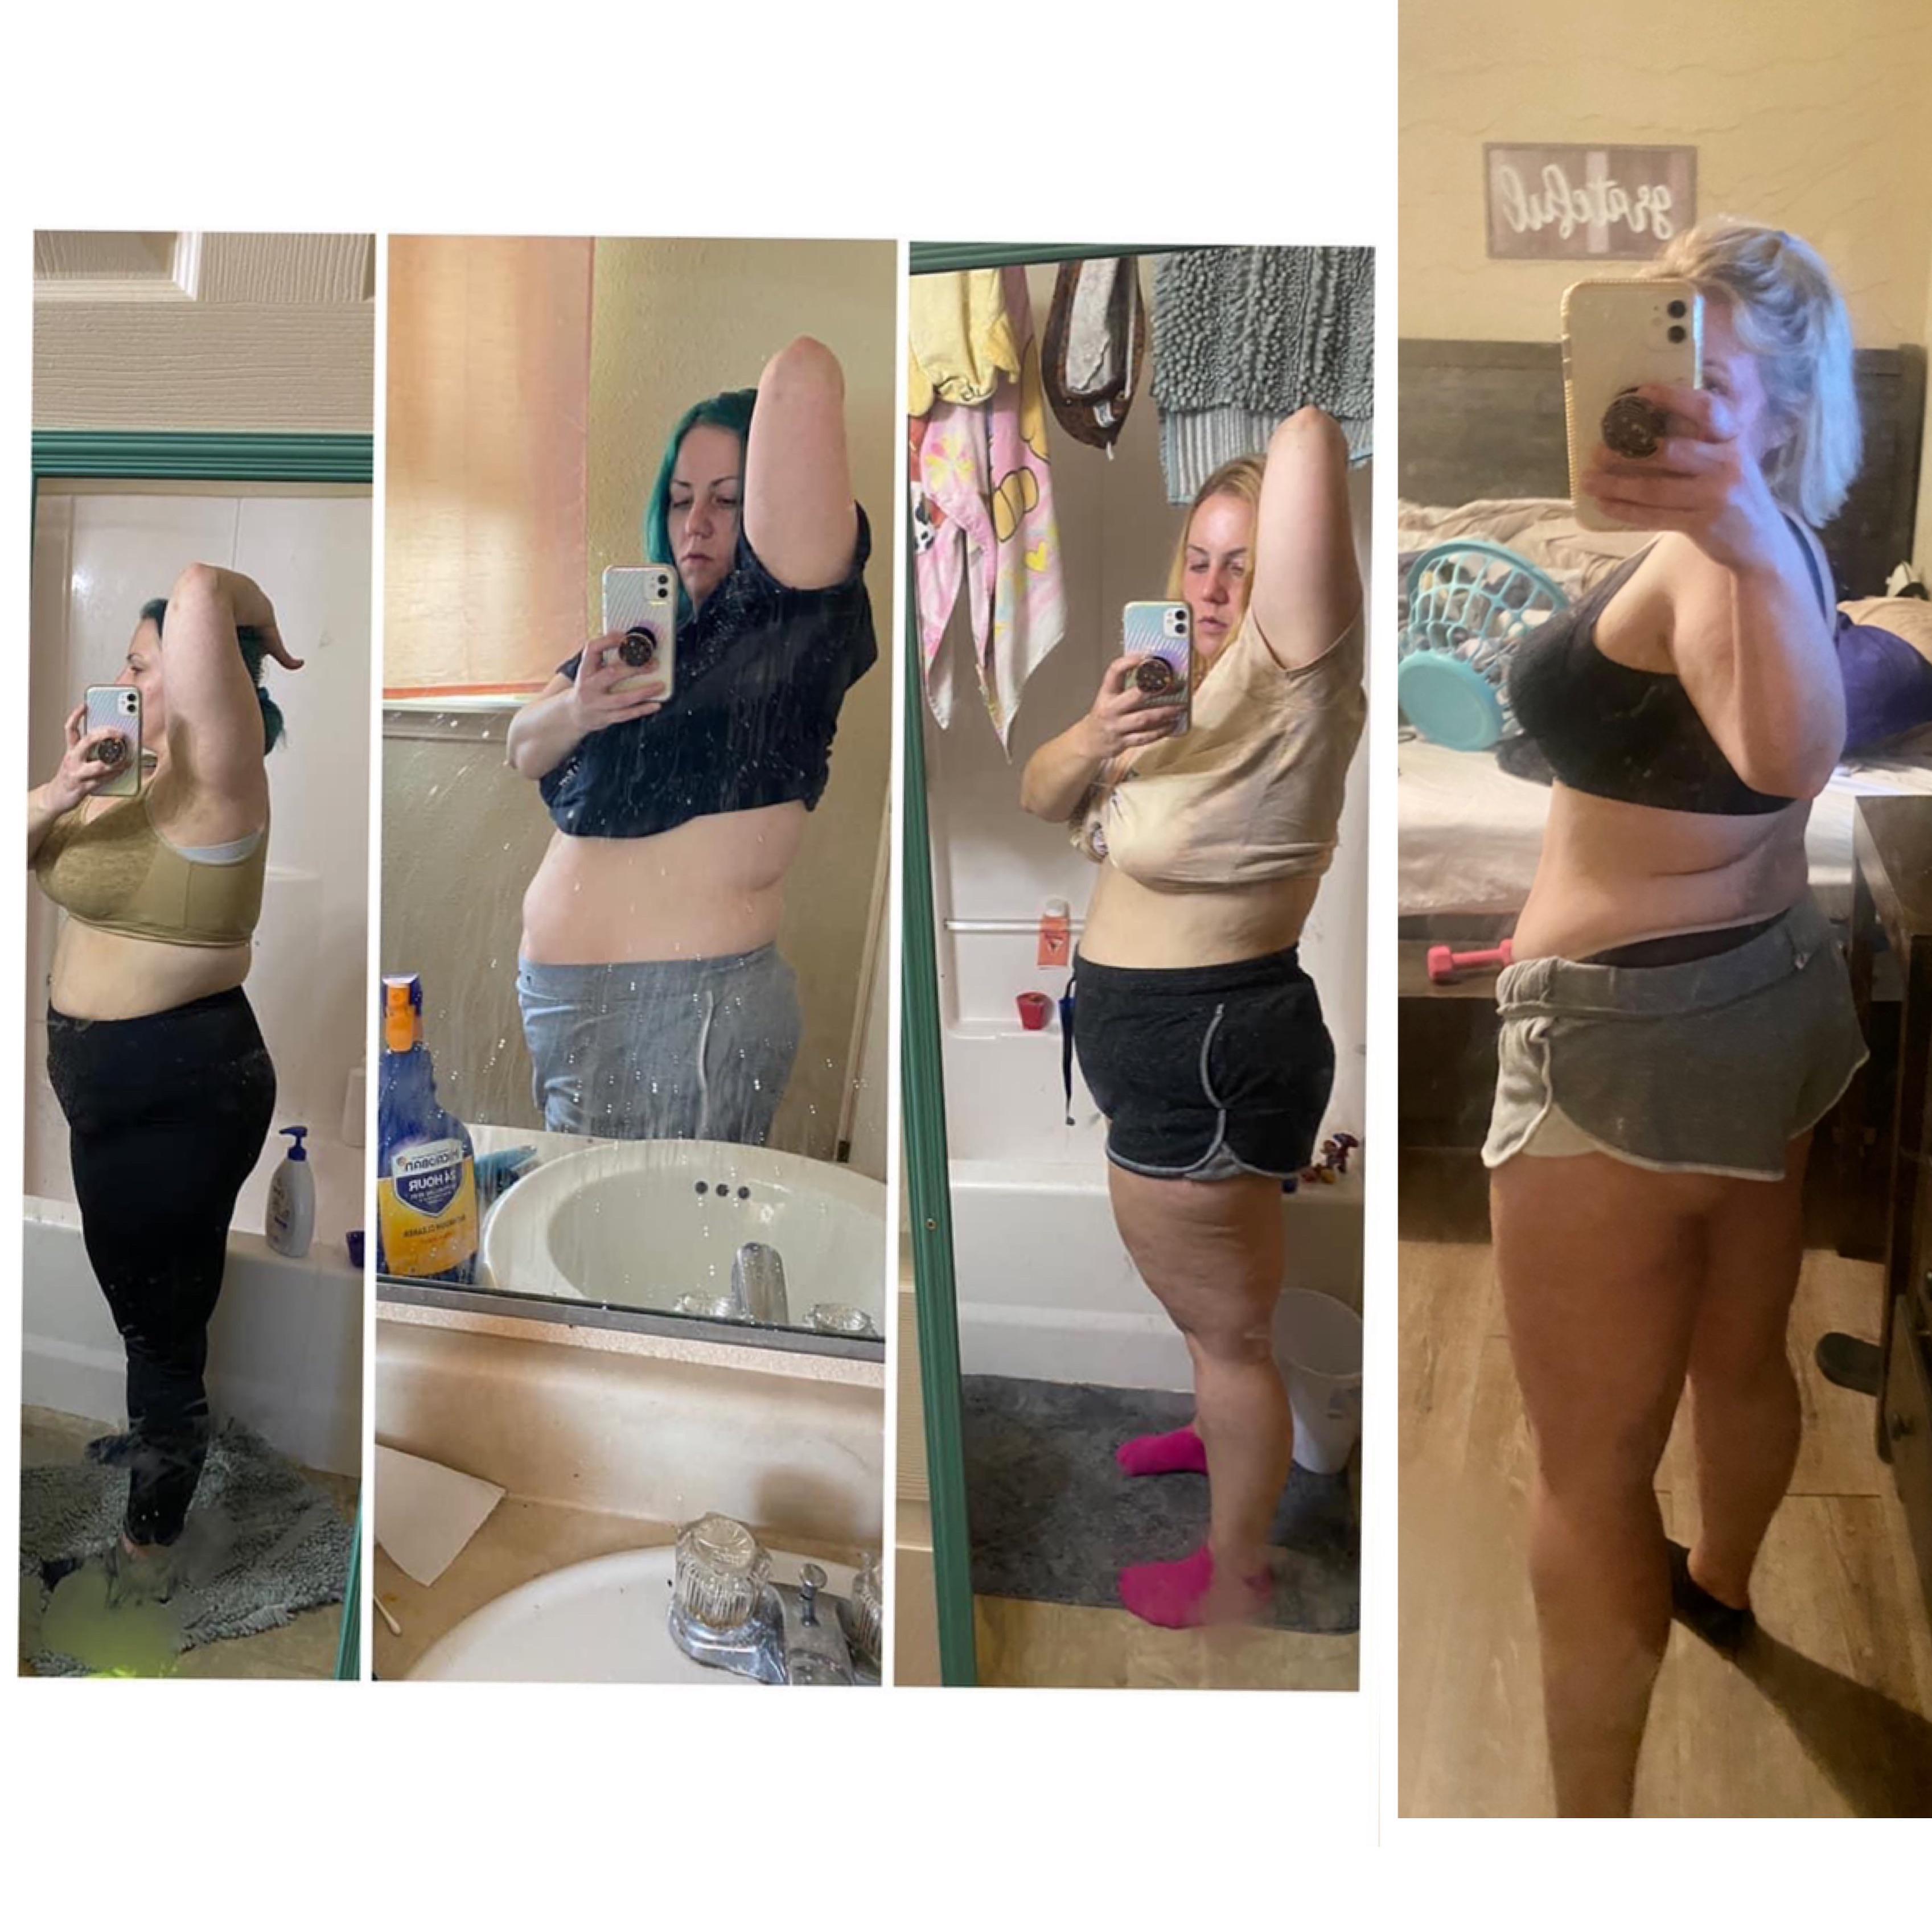 Progress Pics of 45 lbs Fat Loss 5 foot 3 Female 237 lbs to 192 lbs